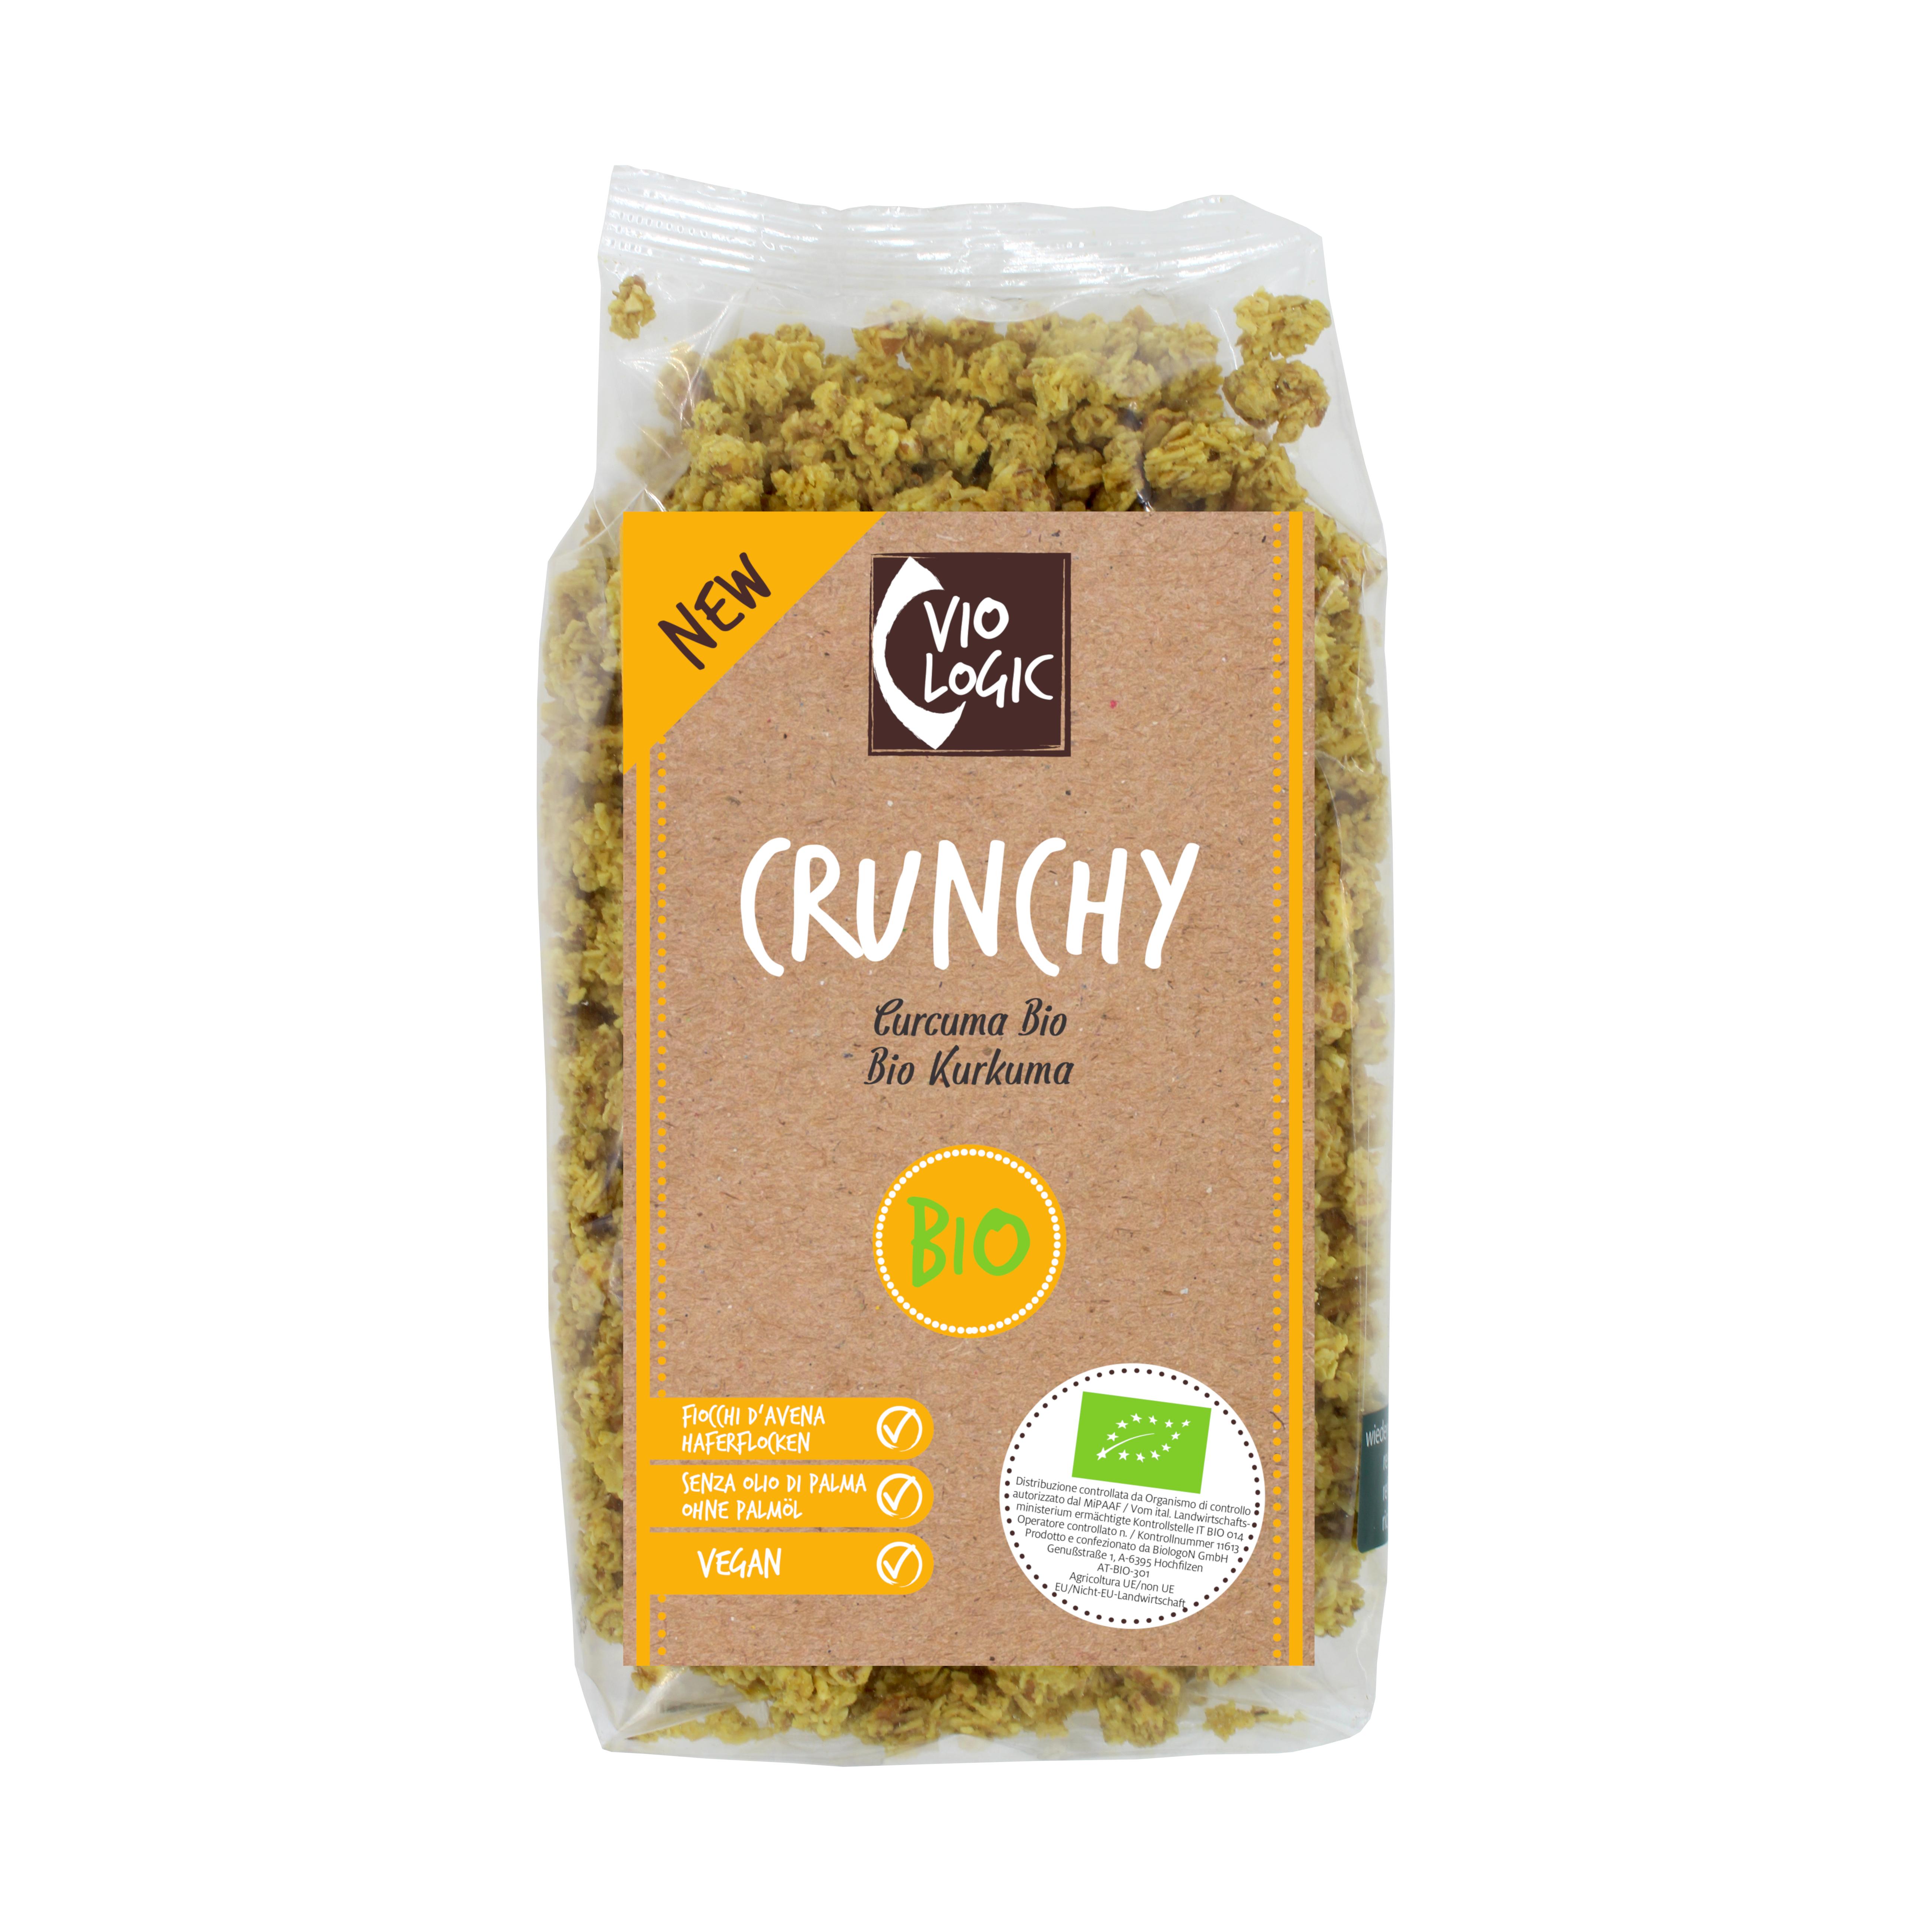 Crunchy Bio Kurkuma 375g